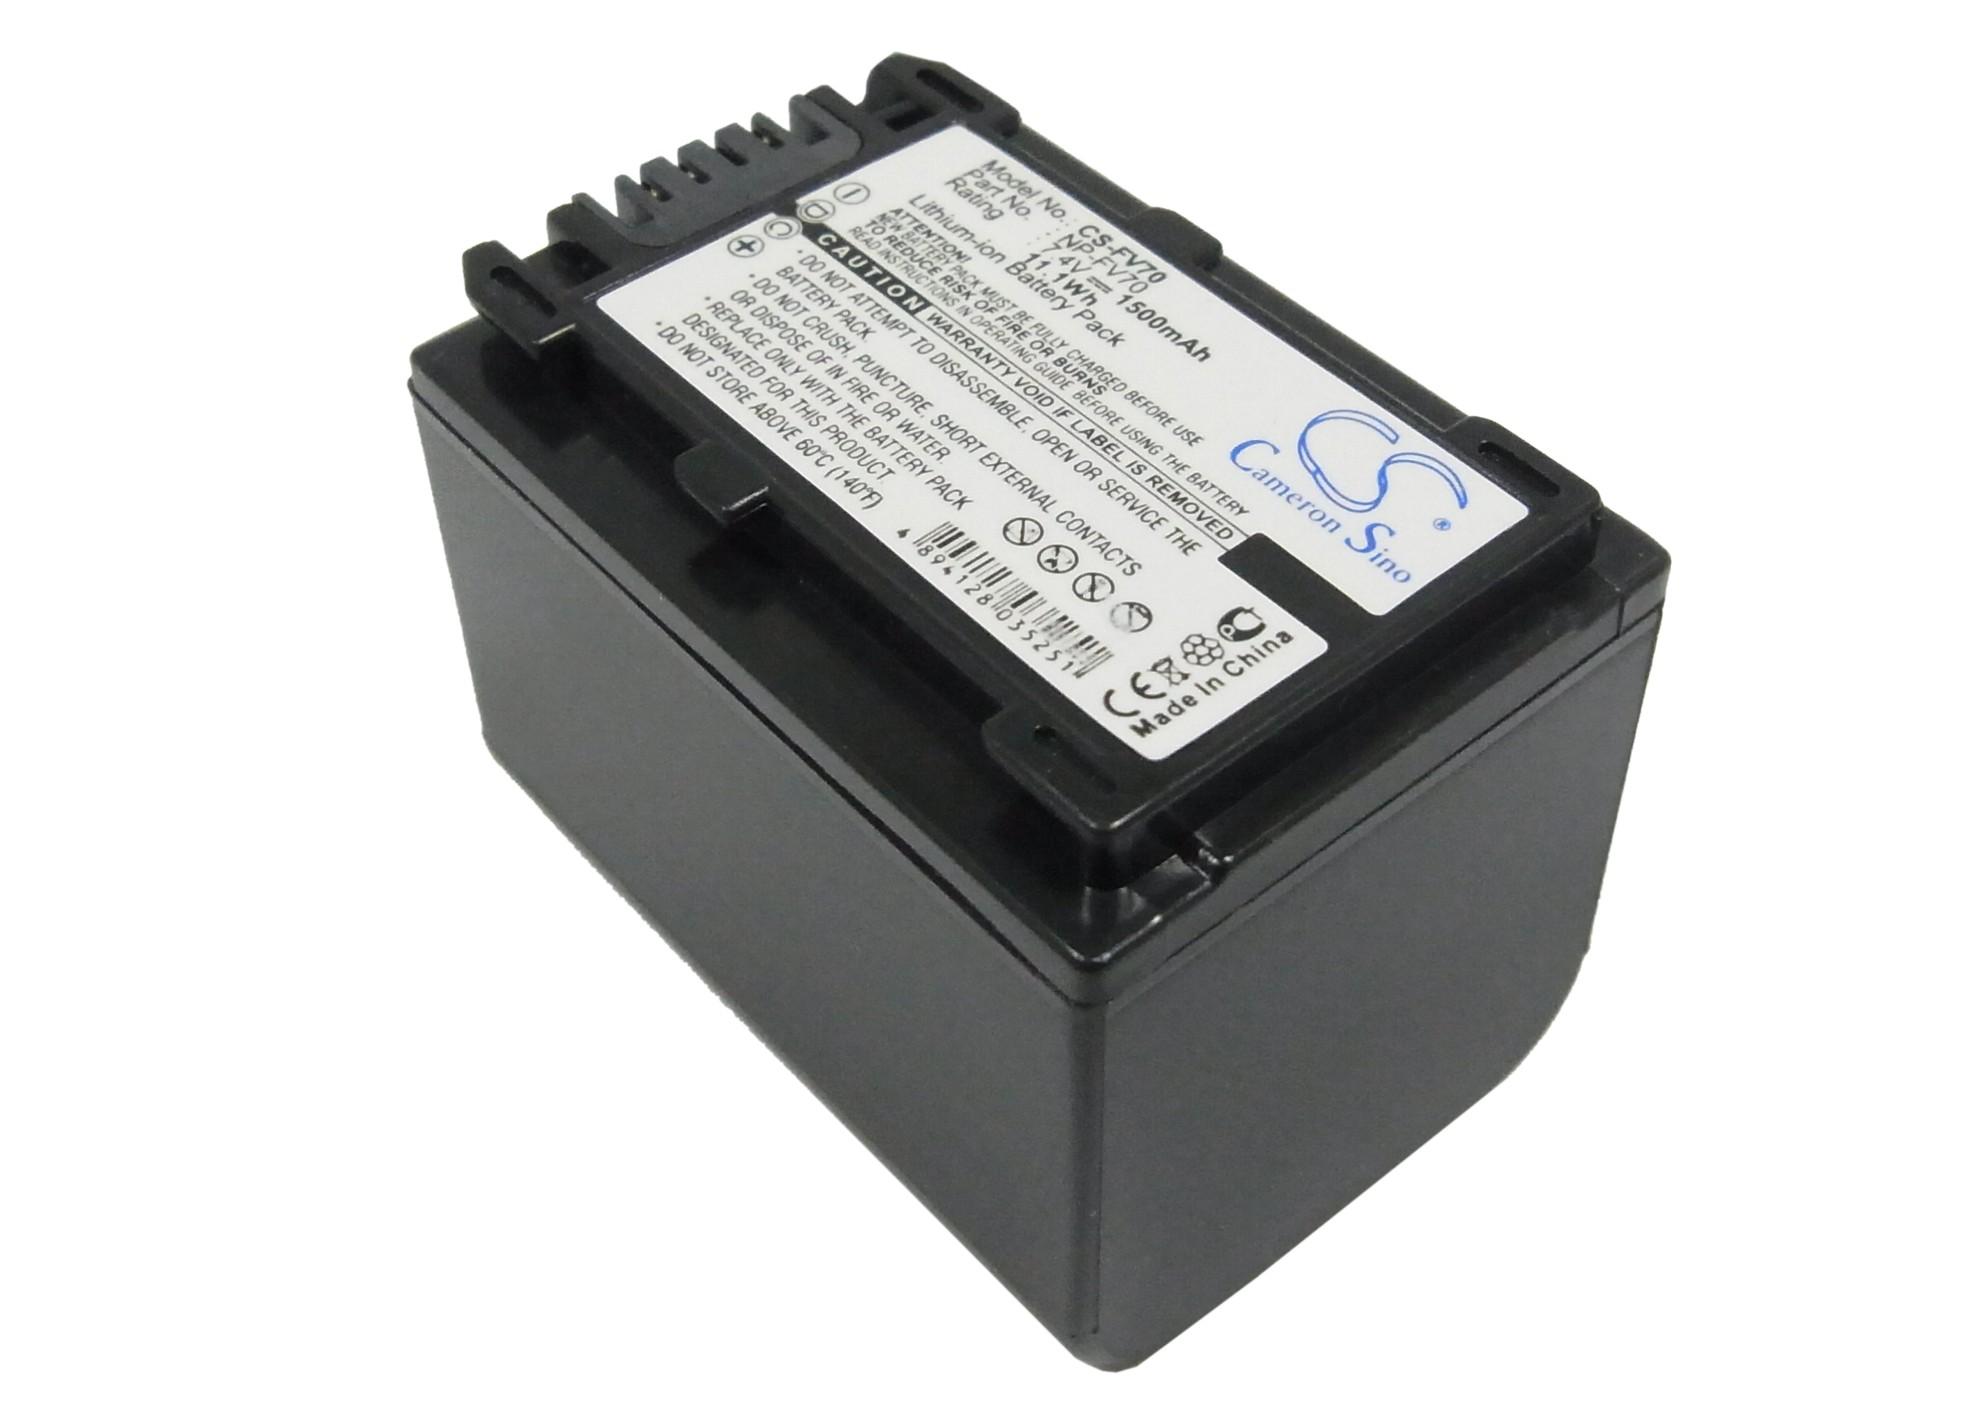 Cameron Sino baterie do kamer a fotoaparátů pro SONY DCR-HC40E 7.4V Li-ion 1500mAh černá - neoriginální